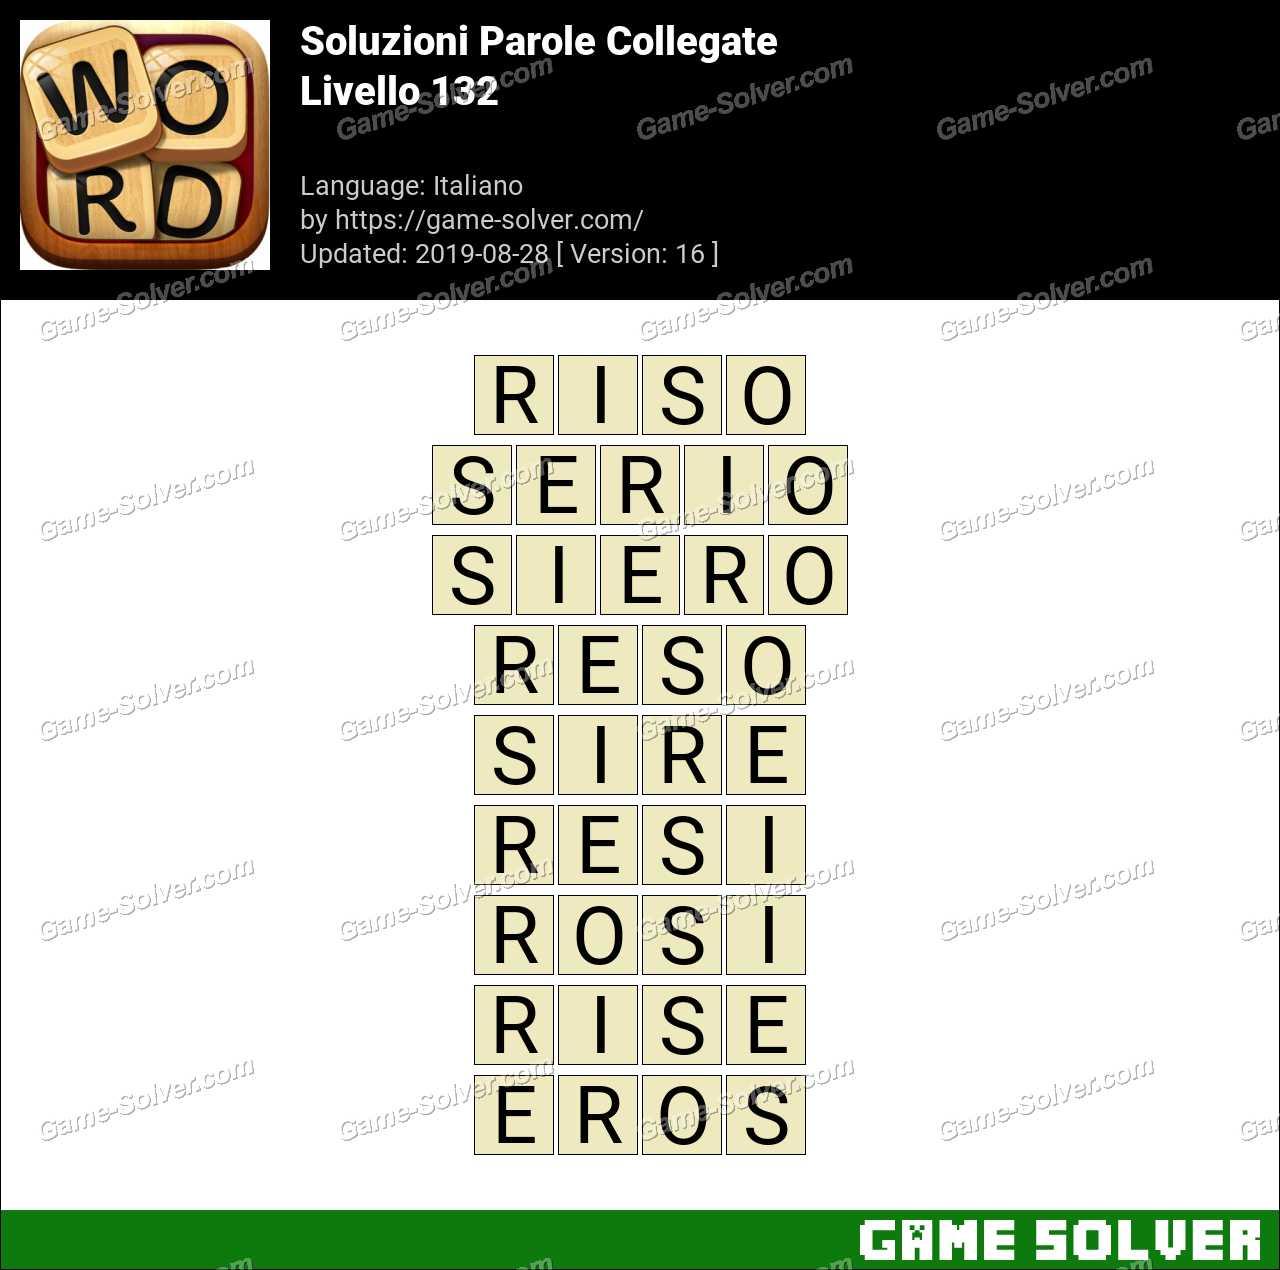 Soluzioni Parole Collegate Livello 132